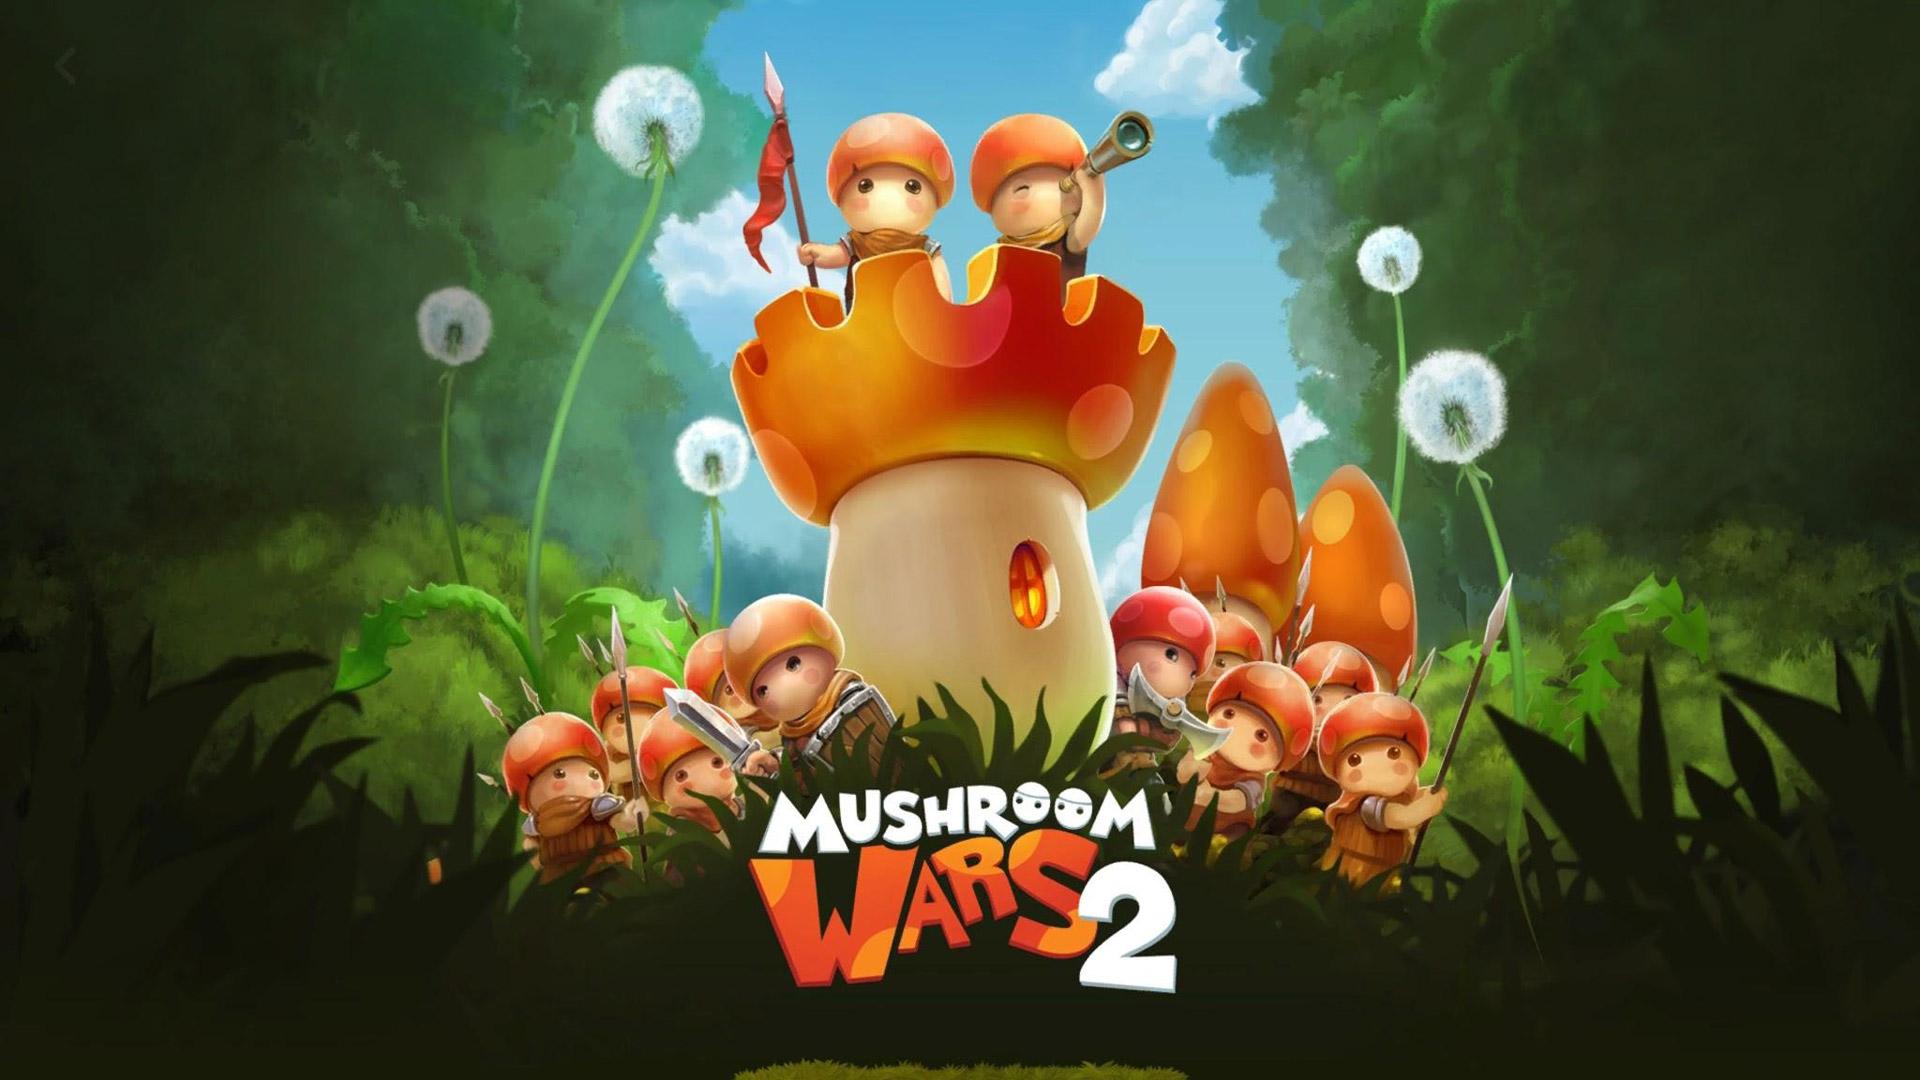 Free Mushroom Wars 2 Wallpaper in 1920x1080